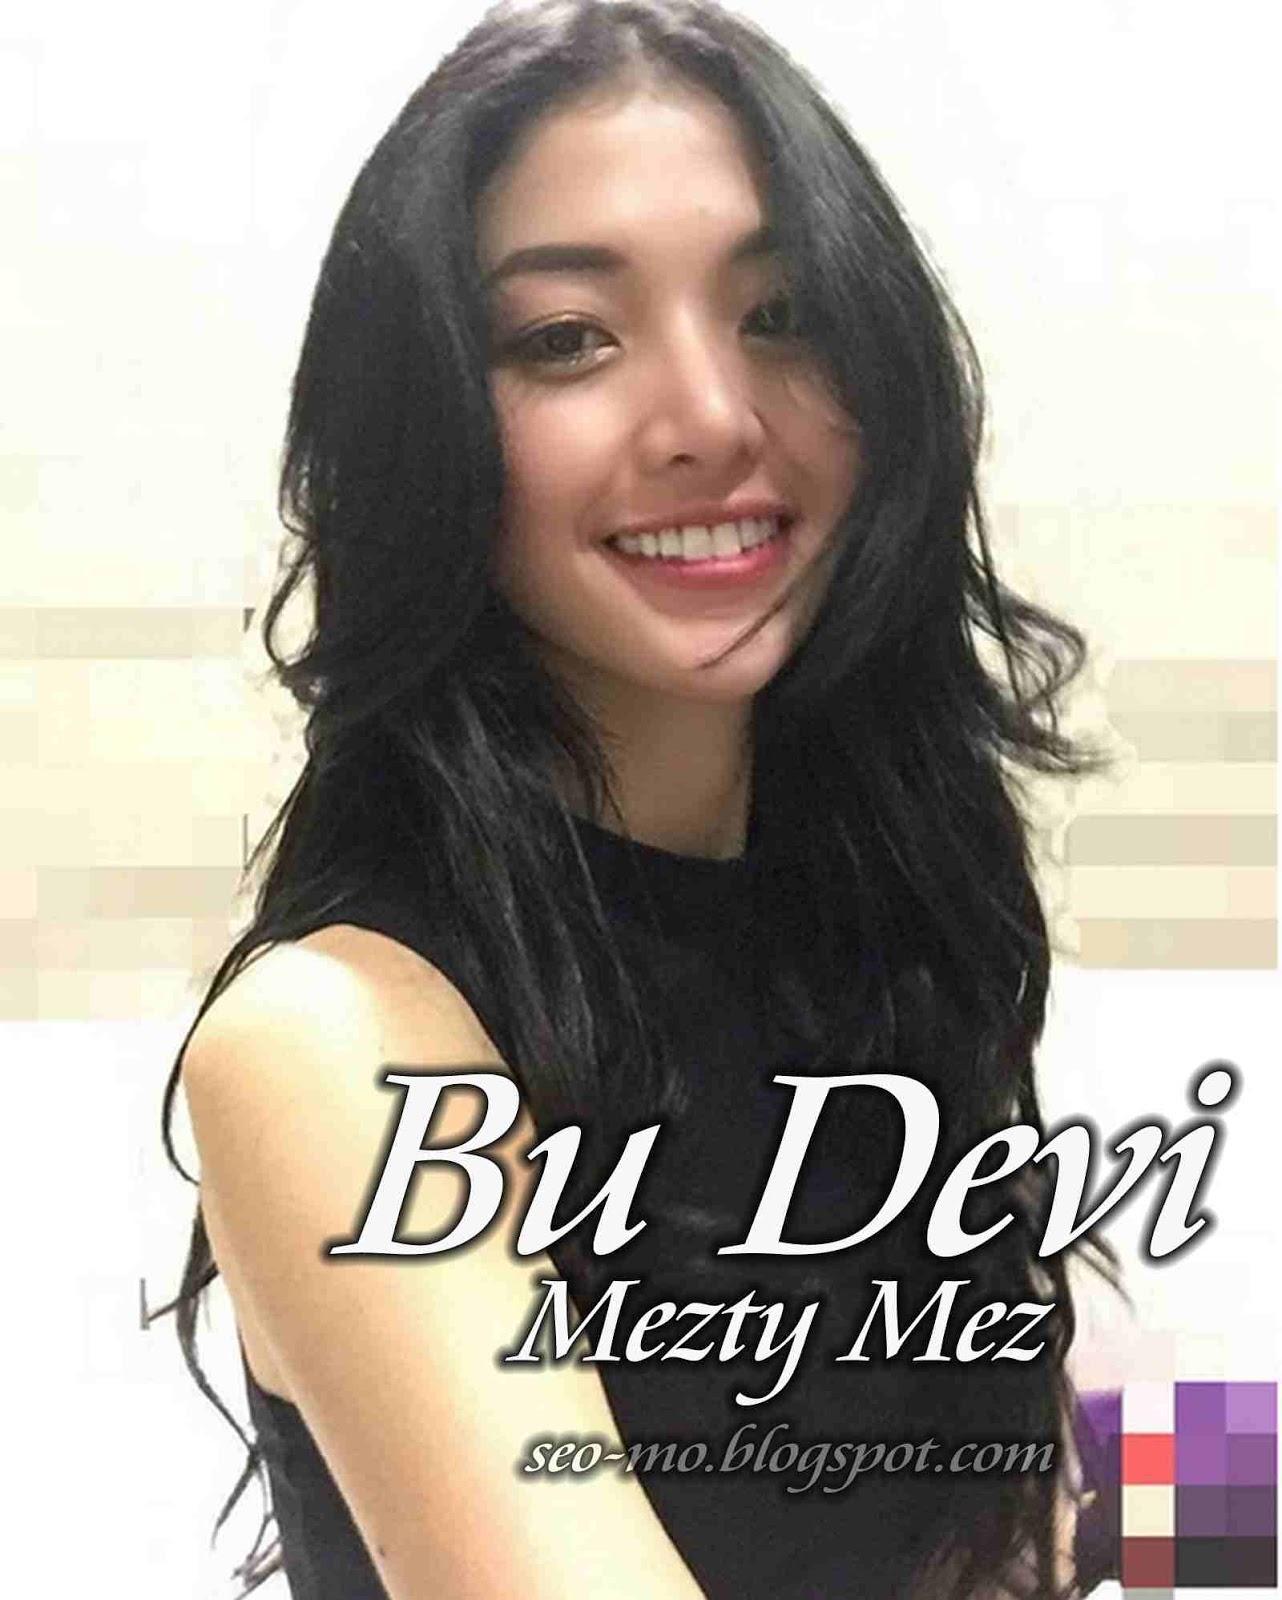 Image Result For Mezty Mez